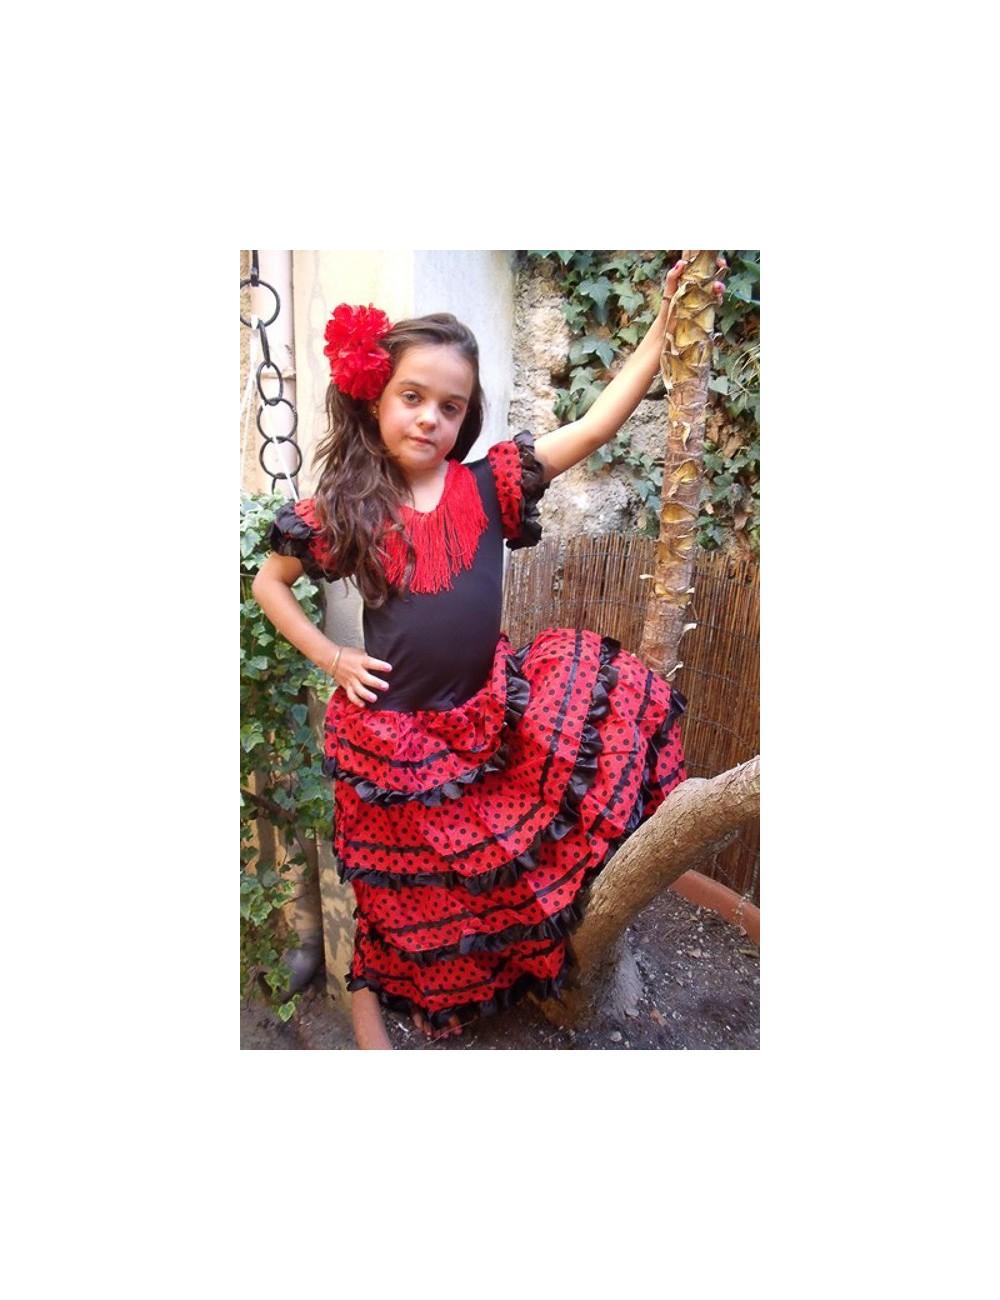 Déguisement robe de flamenco fille noire pois rouges